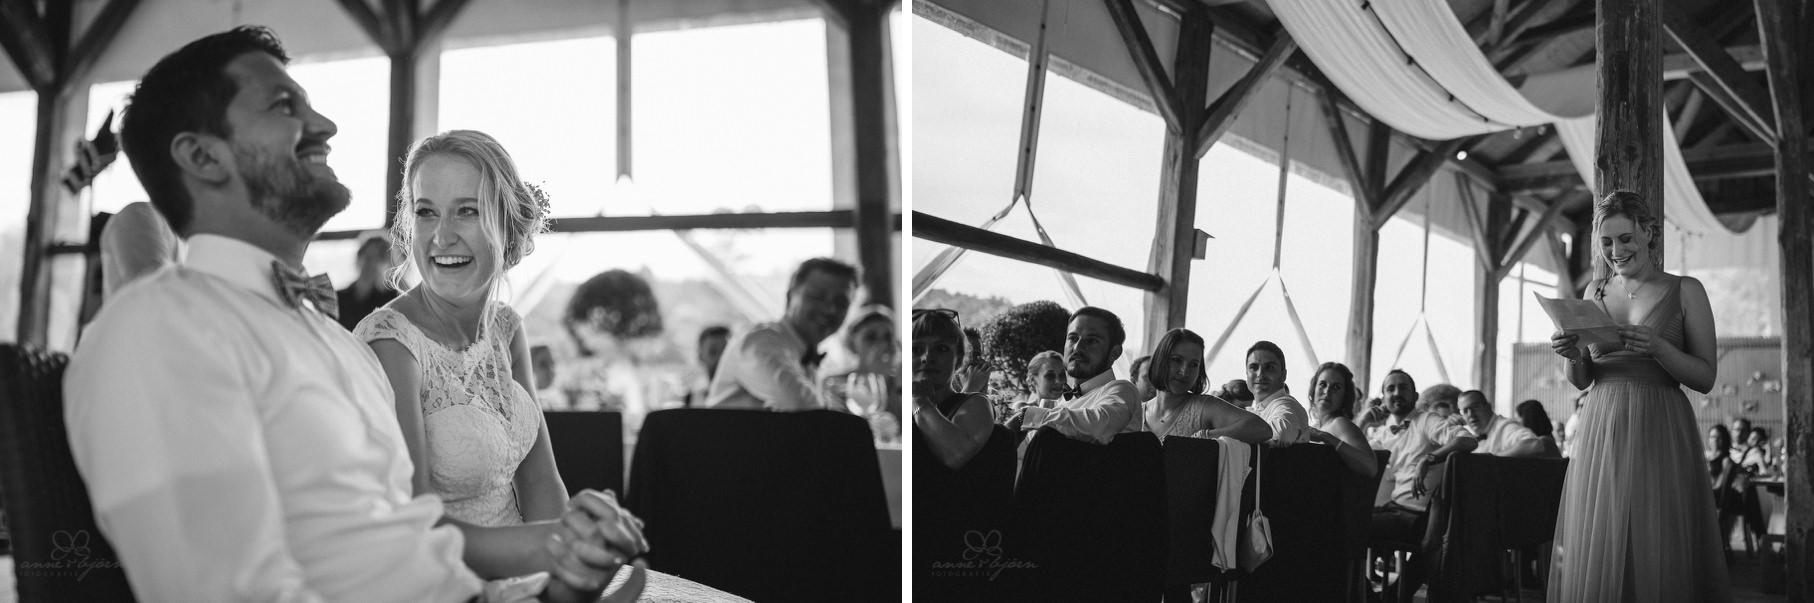 0123 anne und bjoern hochzeit schweiz d75 1966 - DIY Hochzeit in der Schweiz - Sabrina & Christoph